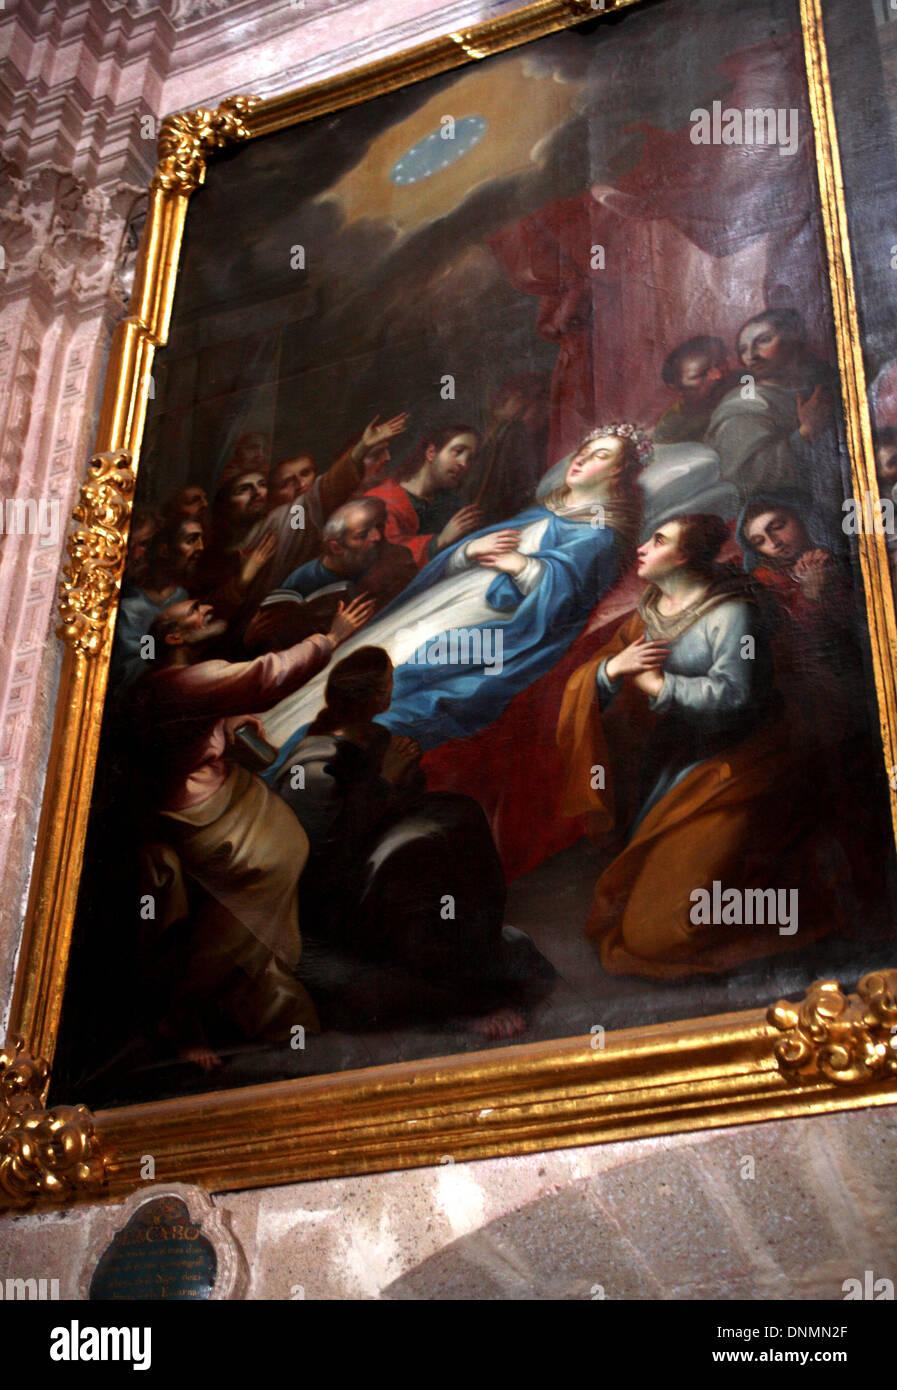 Une peinture par le peintre Miguel Cabrera représentant la mort de la Vierge Marie orne le musée de l'église Santa Prisca Banque D'Images